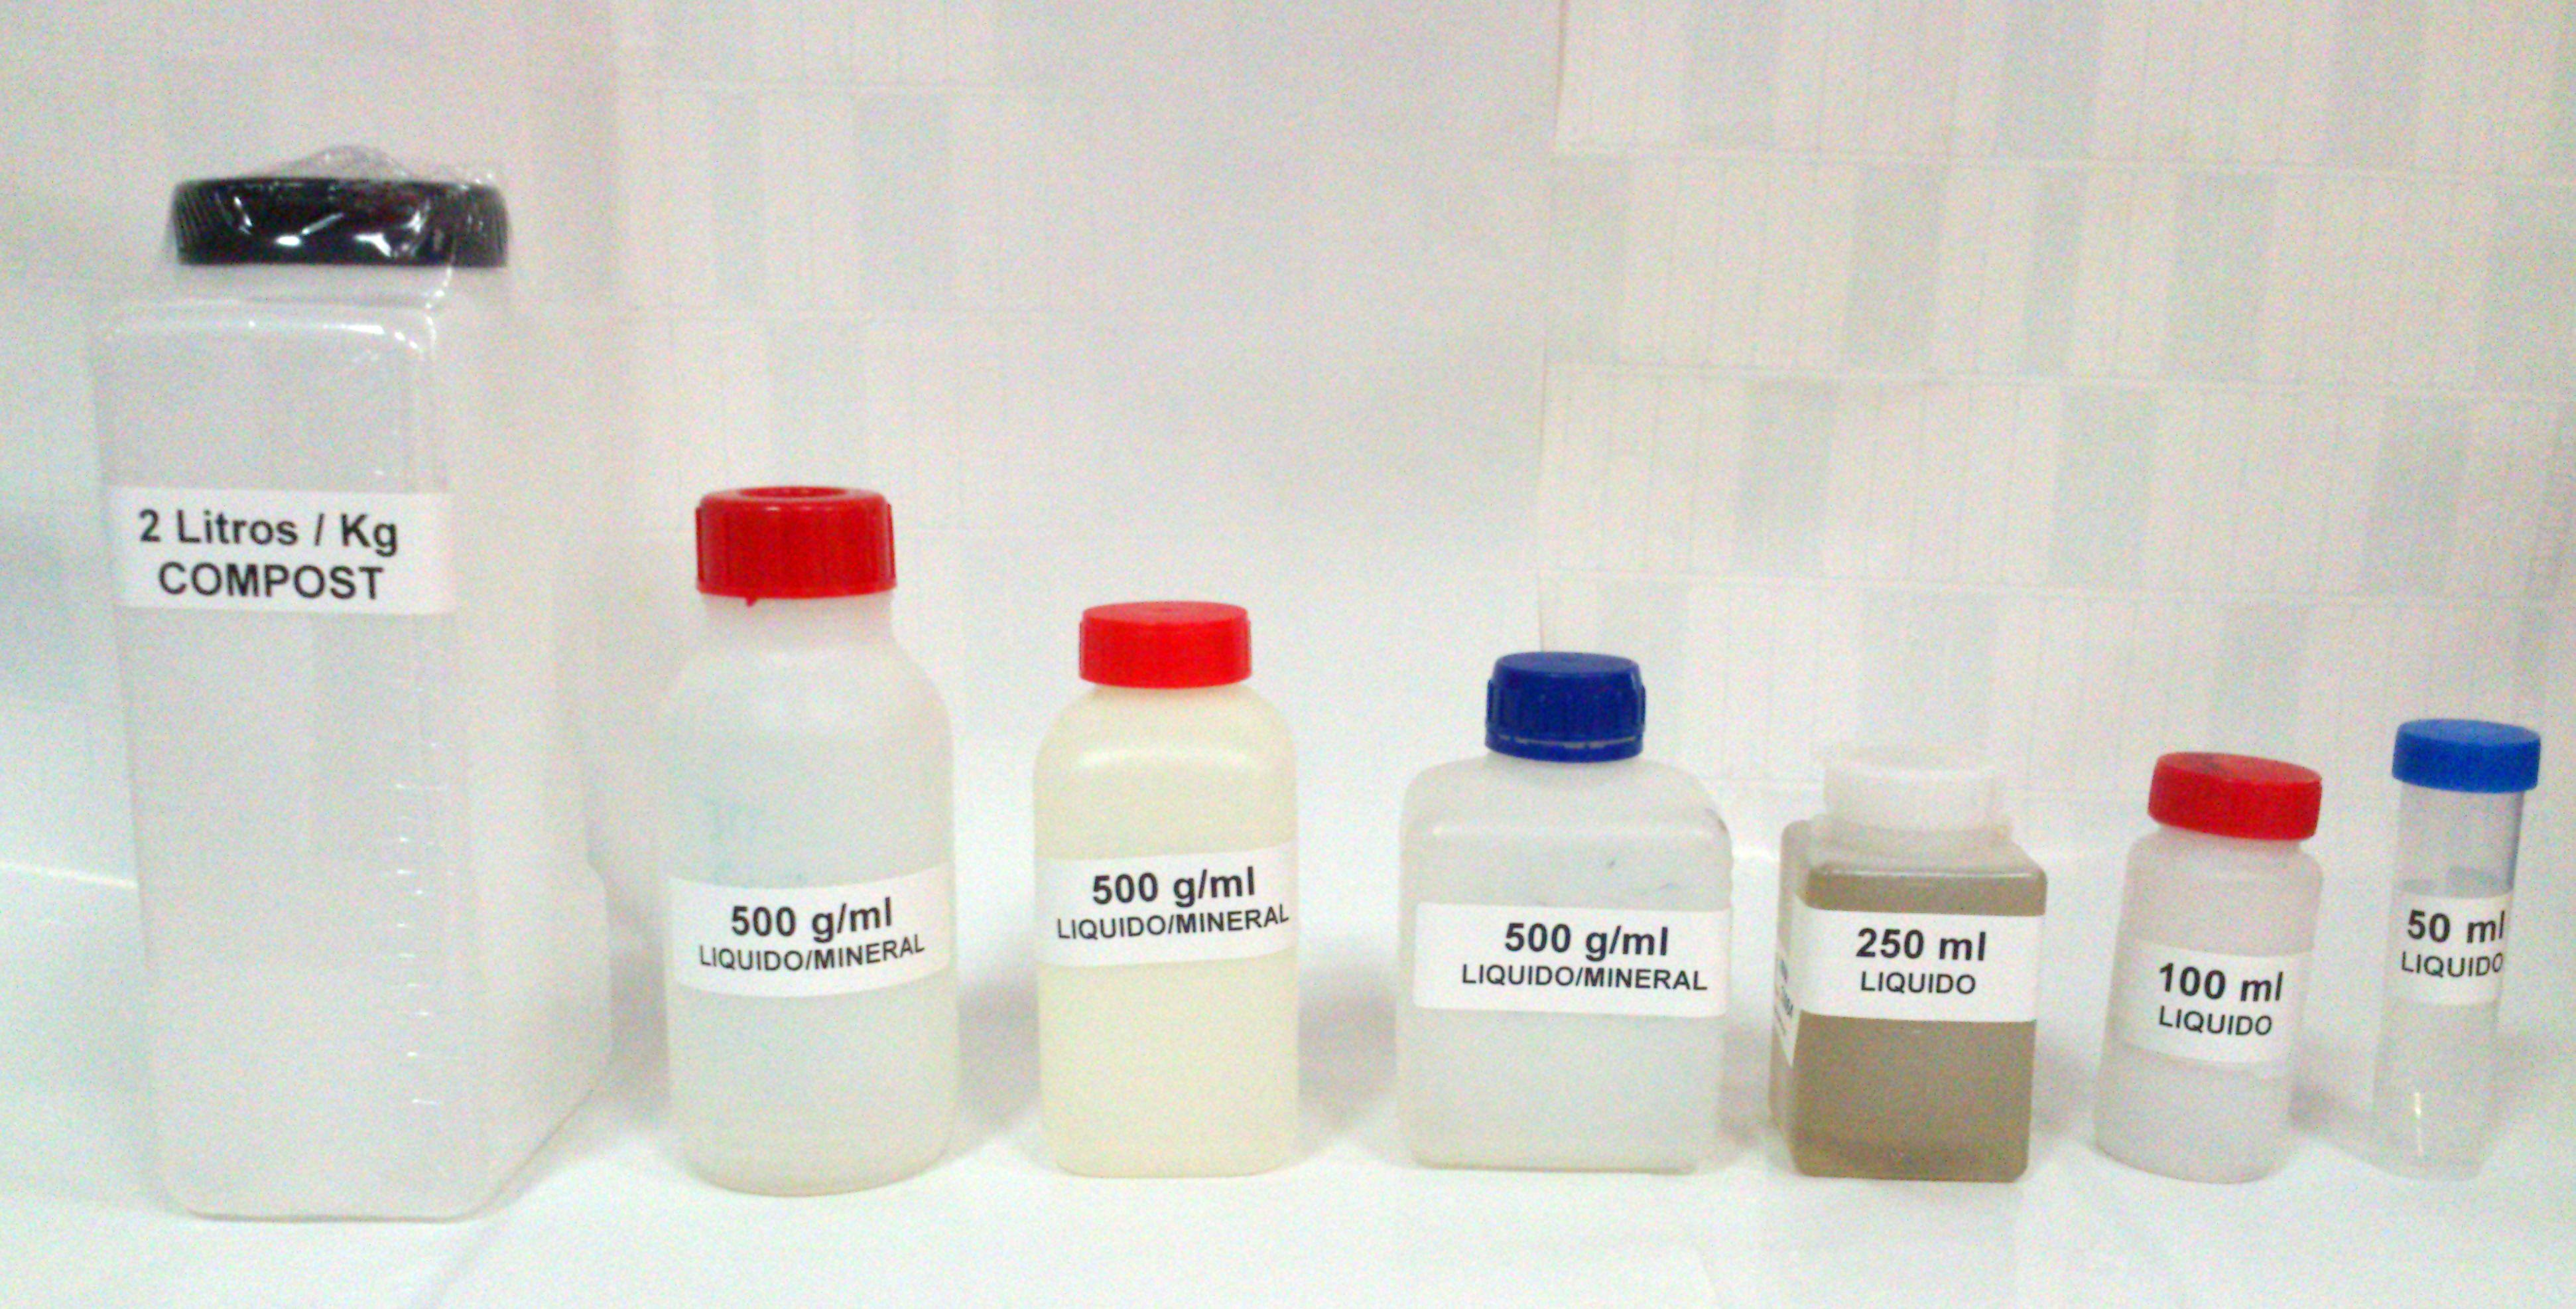 Laboratorio de Analisis CSR. Analisis de Fertilizantes.